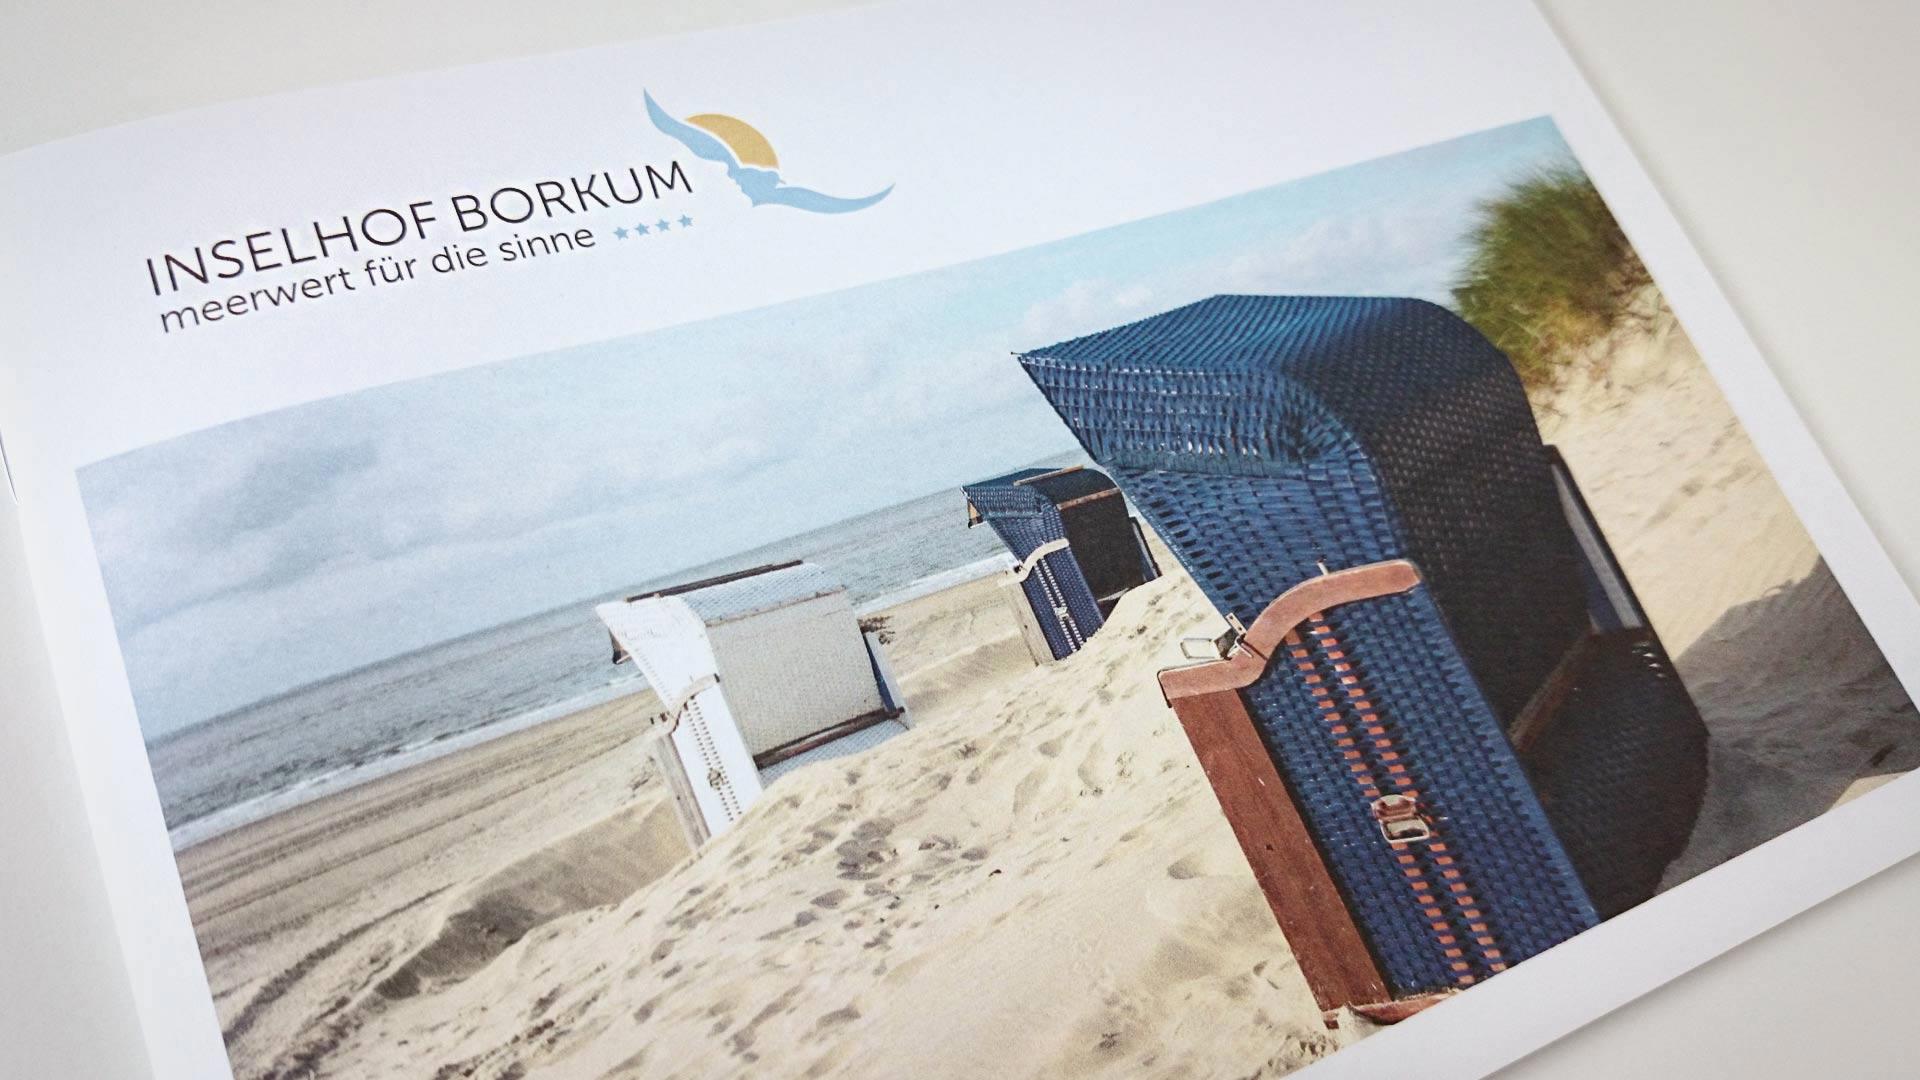 """artventura-Projekt Printdesign für das 4-Sterne-Hotel """"Inselhof Borkum"""": Titelseite der Hotel- und Imagebroschüre"""